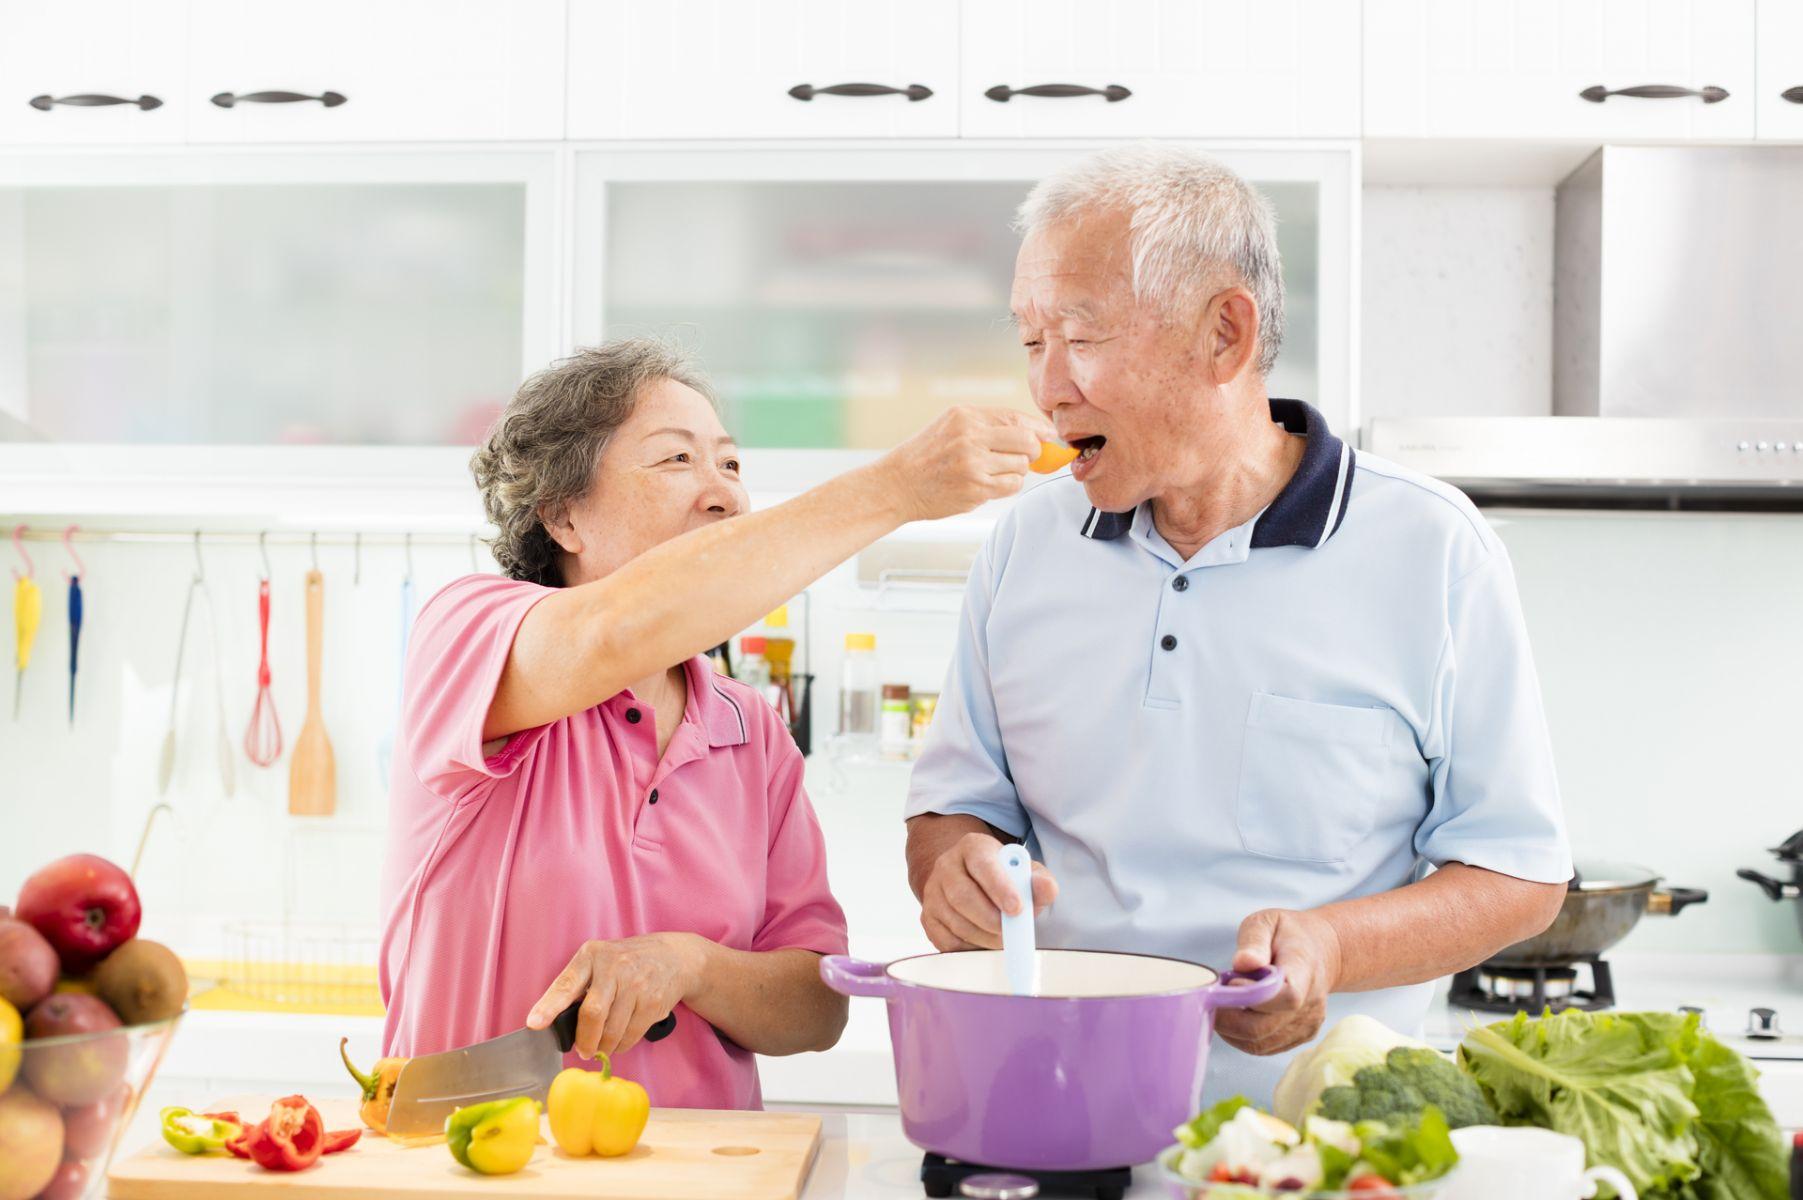 失智者忘記怎麼吃飯?照顧者要知道的4個照顧重點